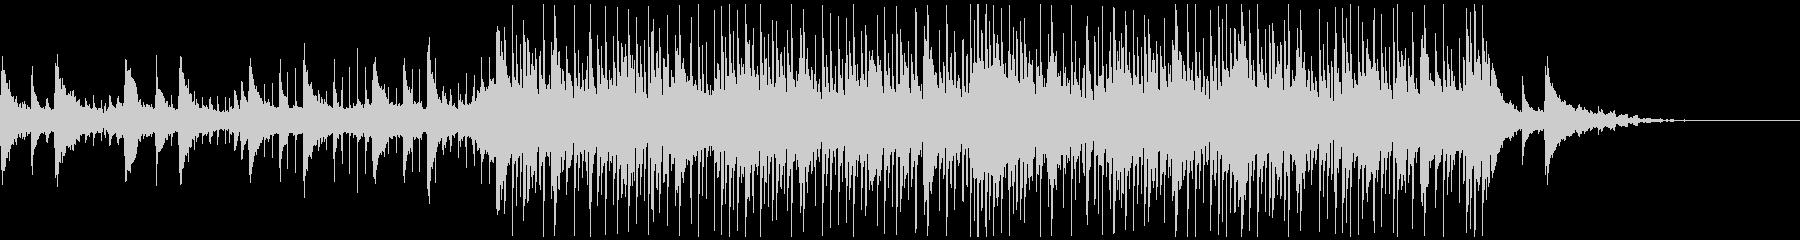 ピアノ/切なく綺麗なメロディのBGMの未再生の波形